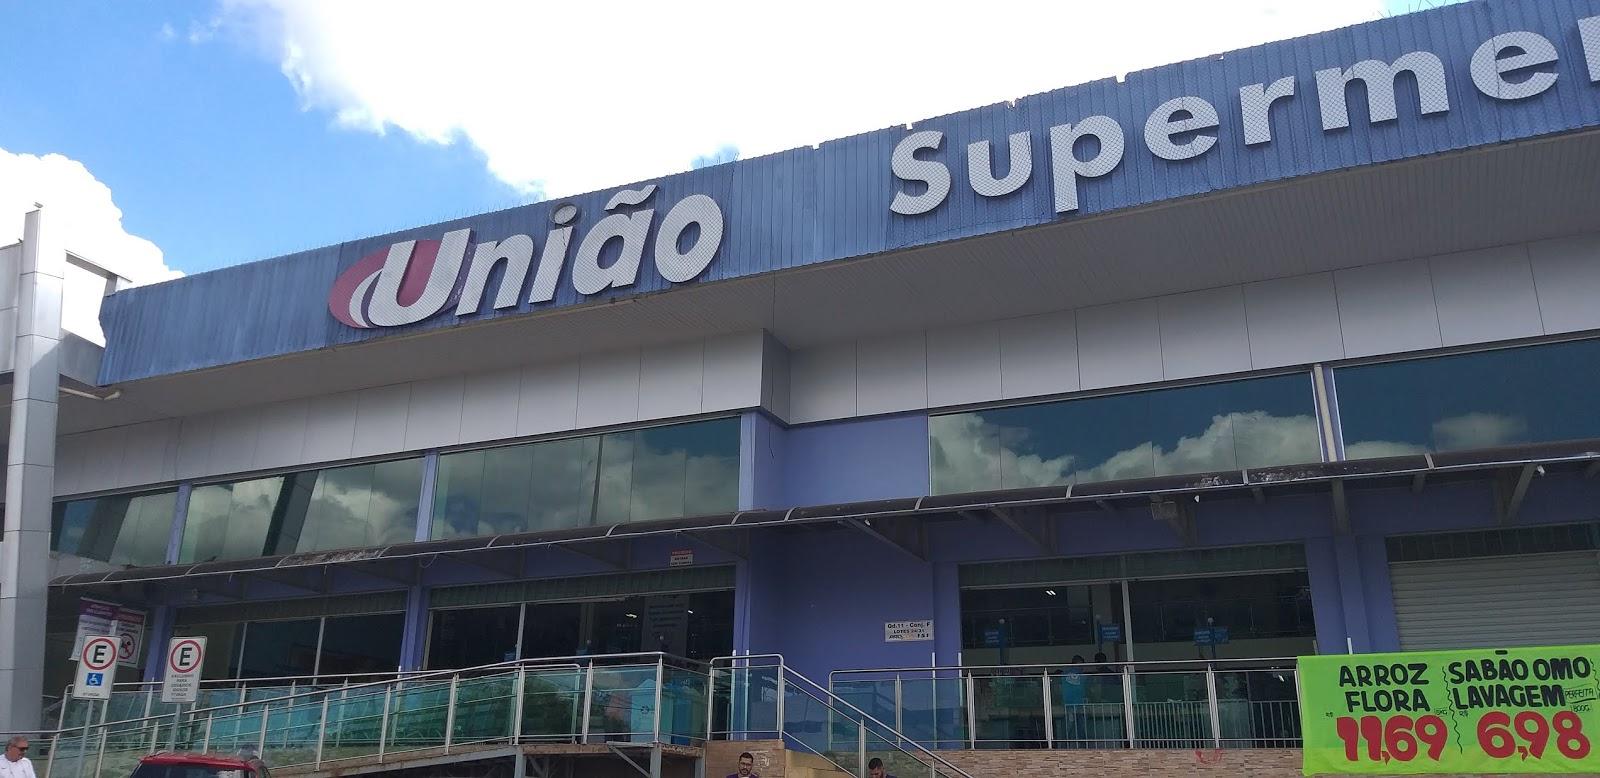 20190520 124927 - Qual é o supermercado mais barato do Jardim Botânico e São Sebastiao DF?  O Jornal Mangueiral pesquisou!